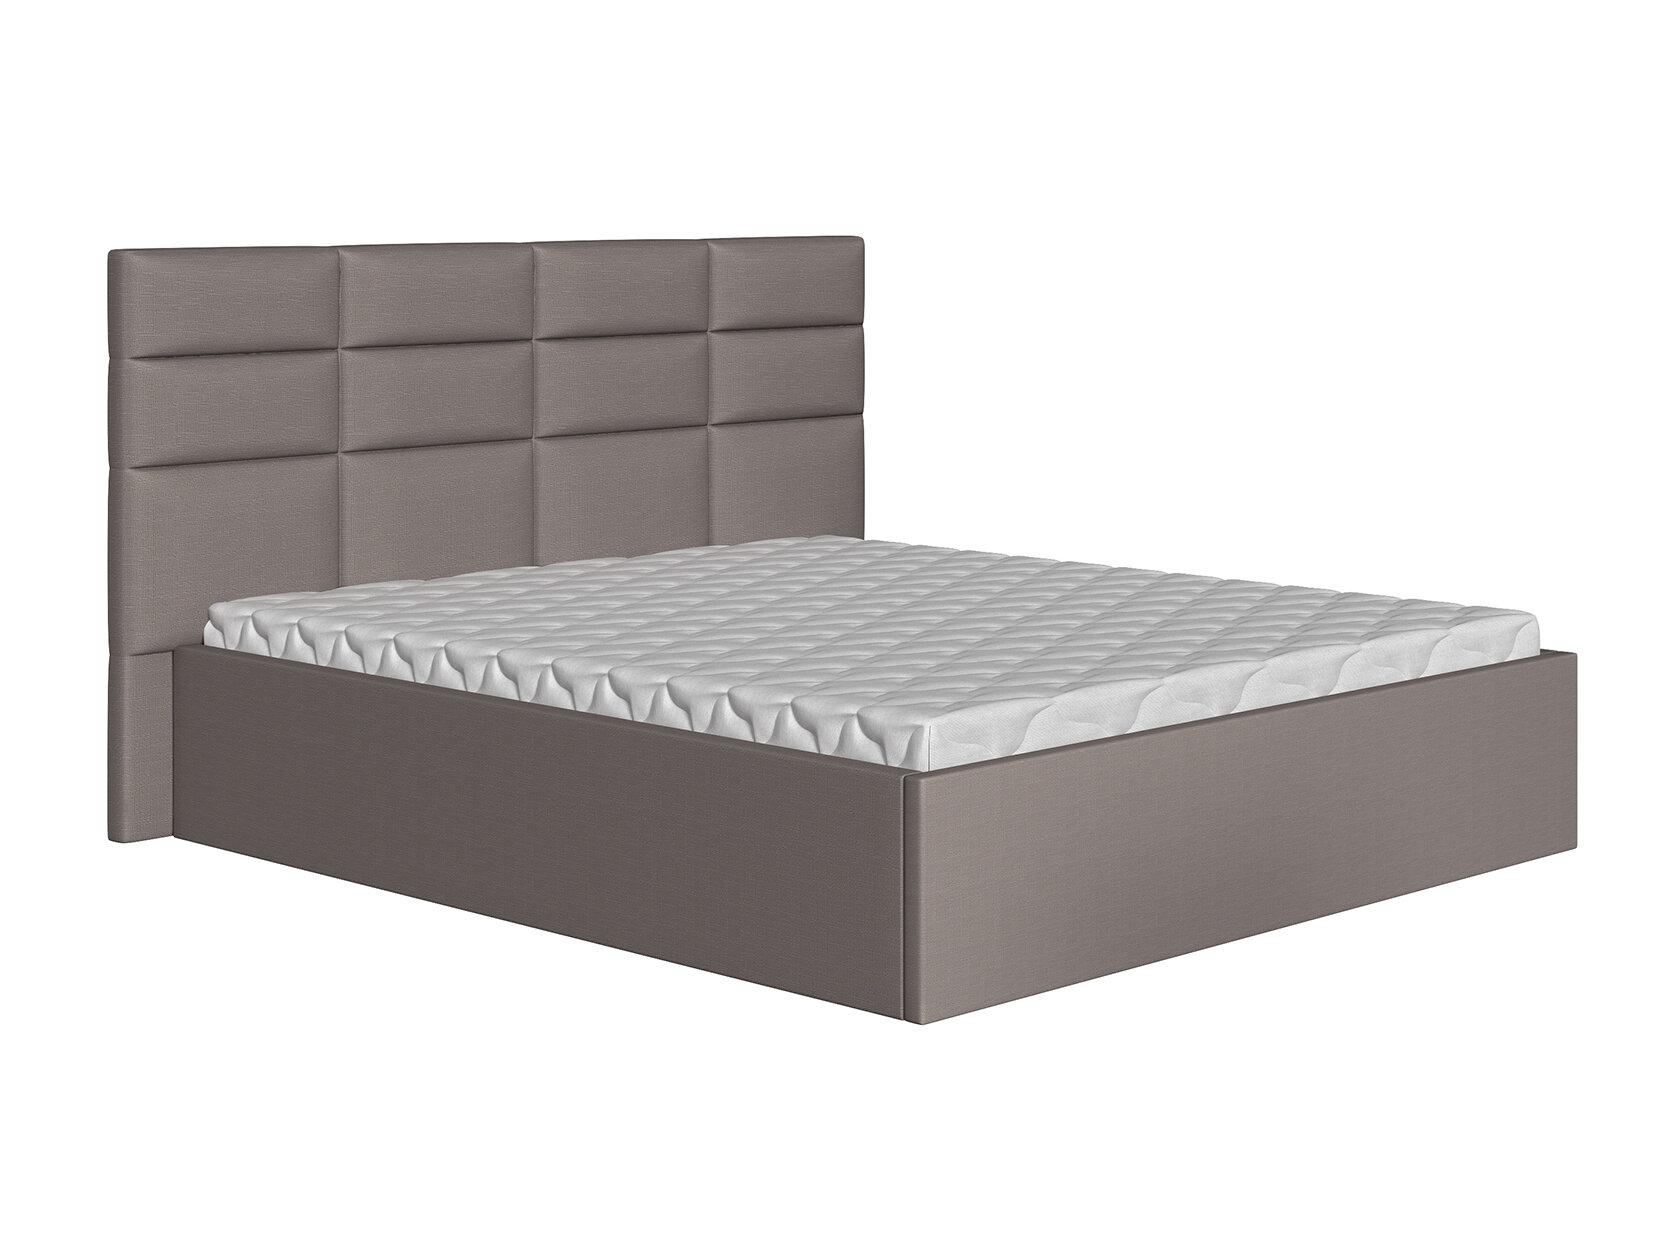 Двуспальная кровать Первый Мебельный Кровать Коста Серый, 160х200